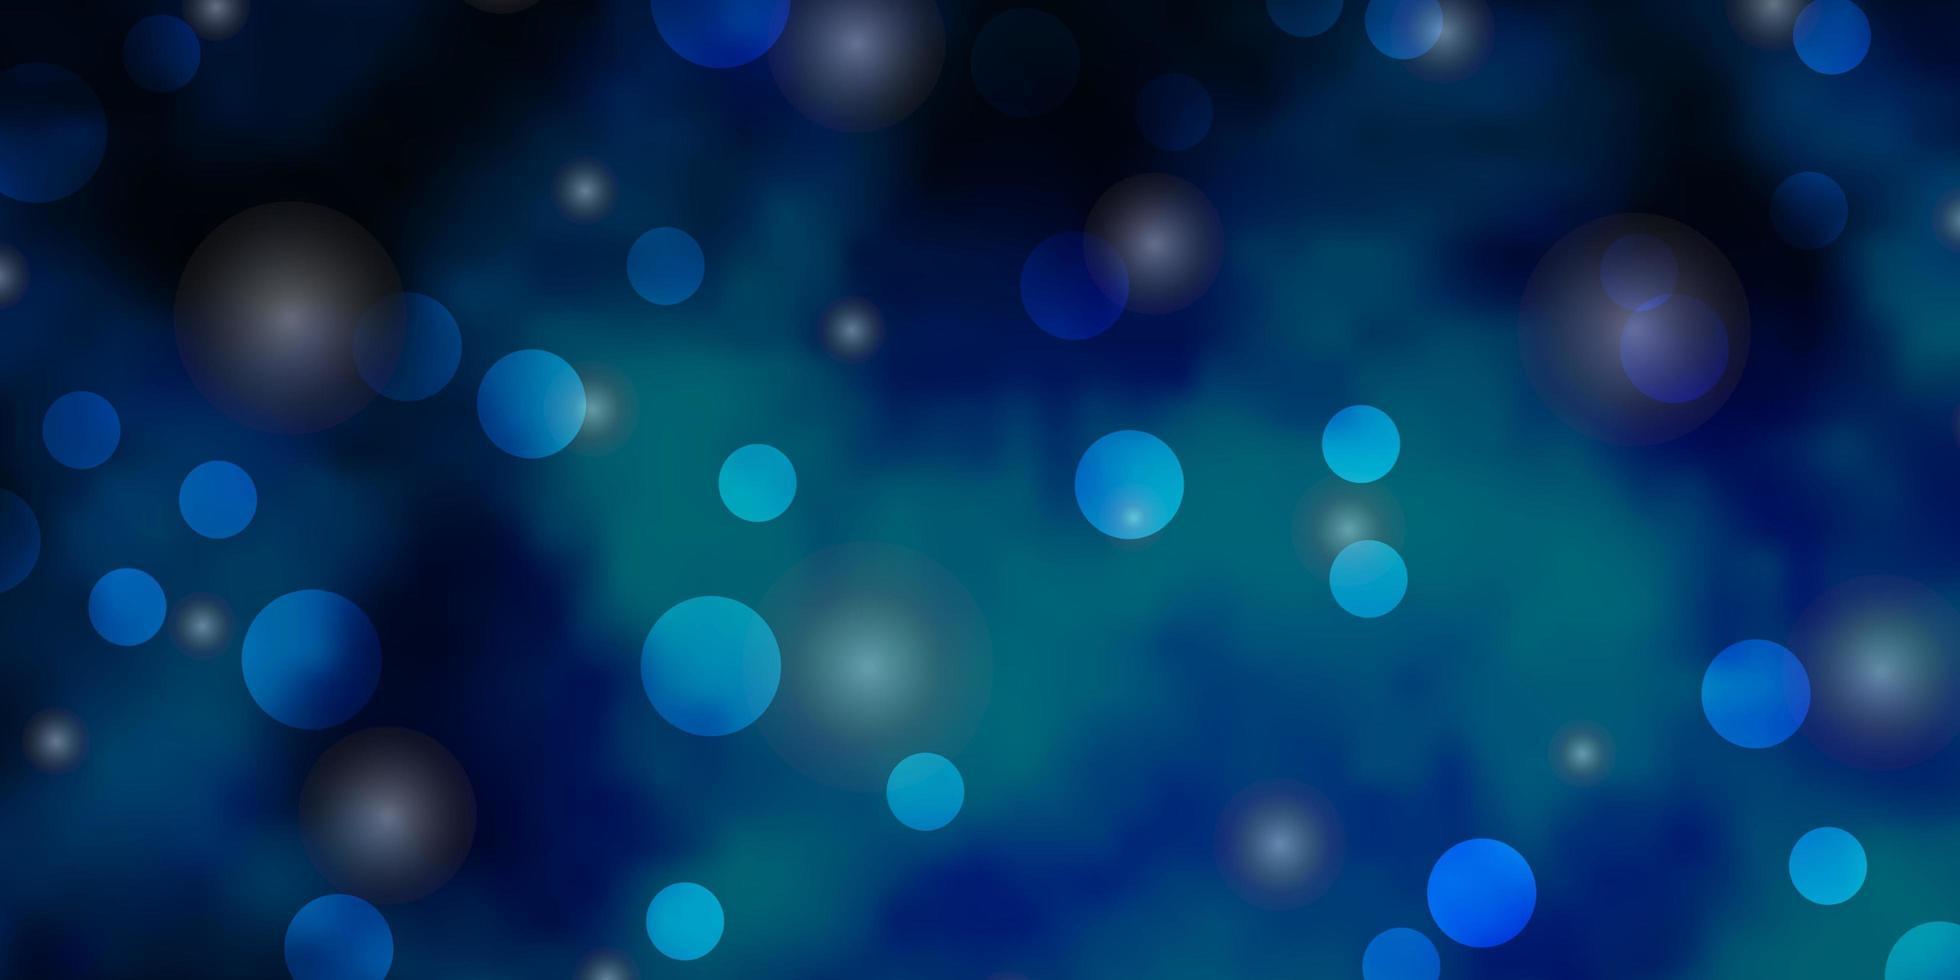 dunkelblaue Vektorbeschaffenheit mit Kreisen, Sternen. vektor